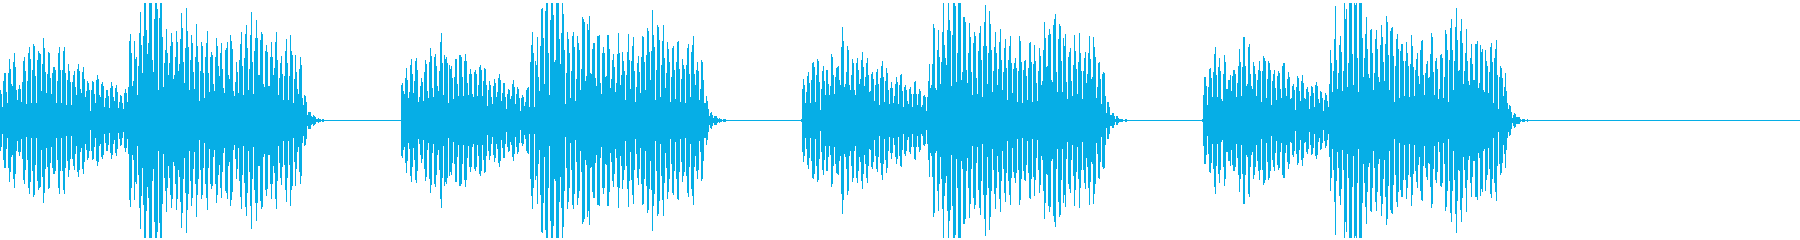 警告音01の再生済みの波形